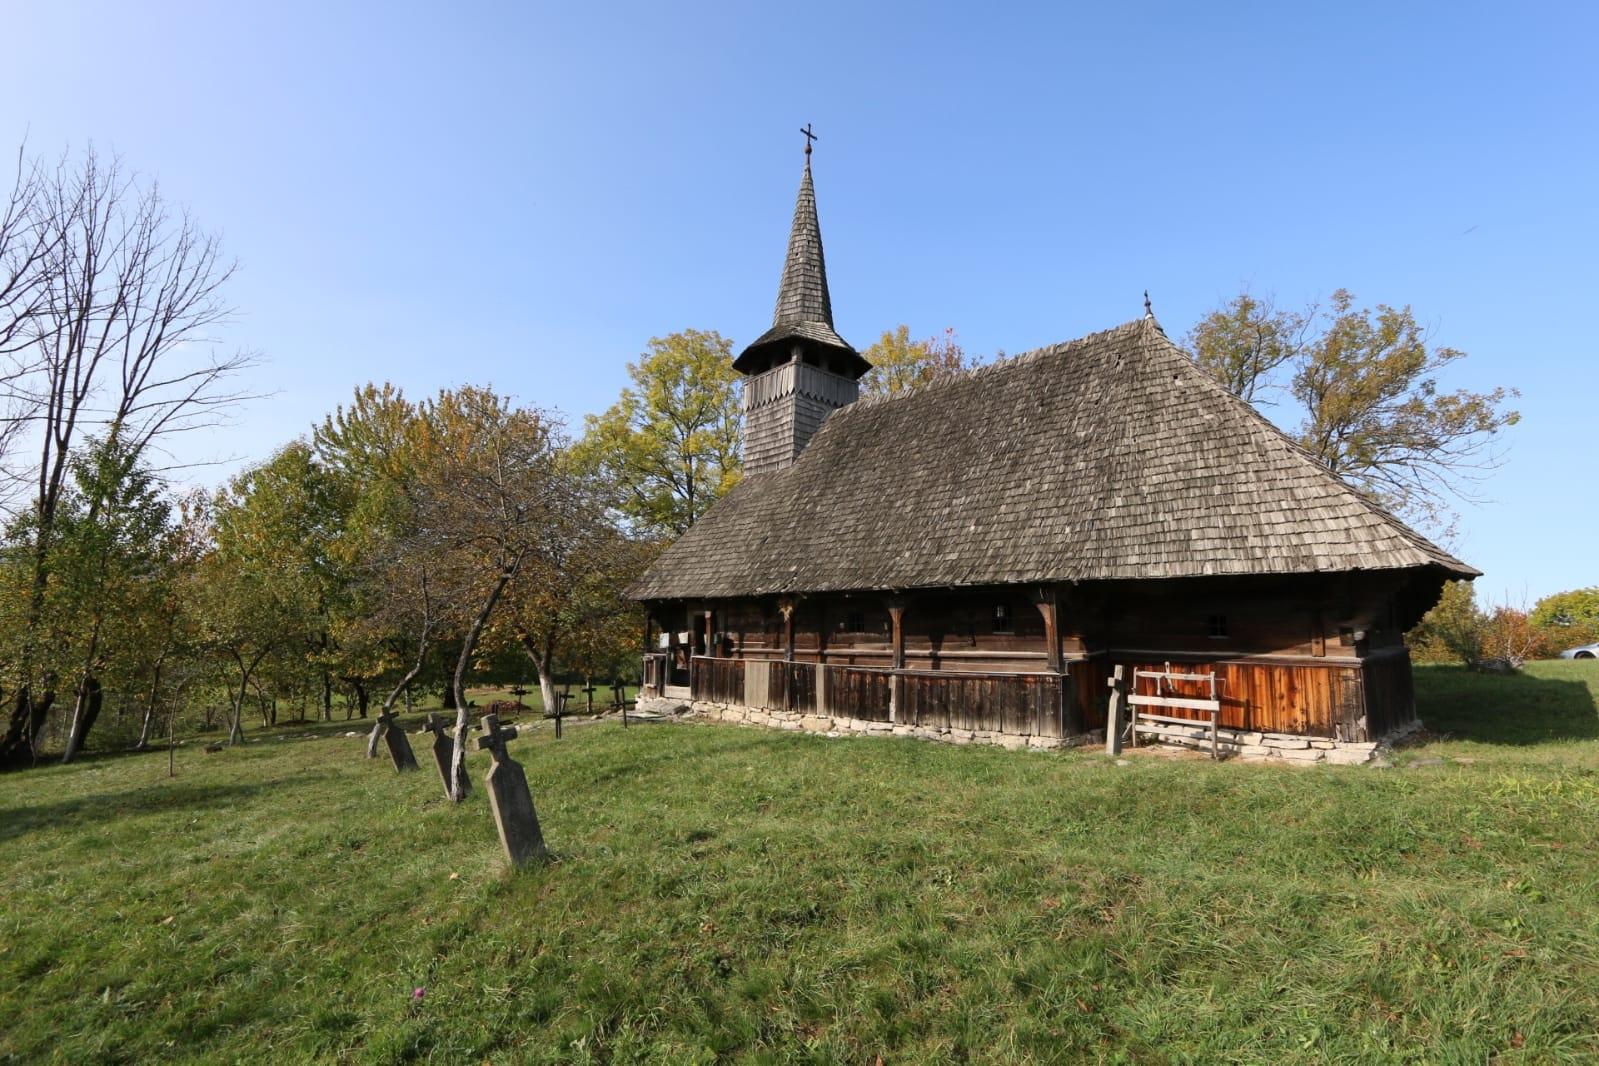 Ruta Cultural Turistica a Bisericilor de Lemn din Romania a fost lansata!